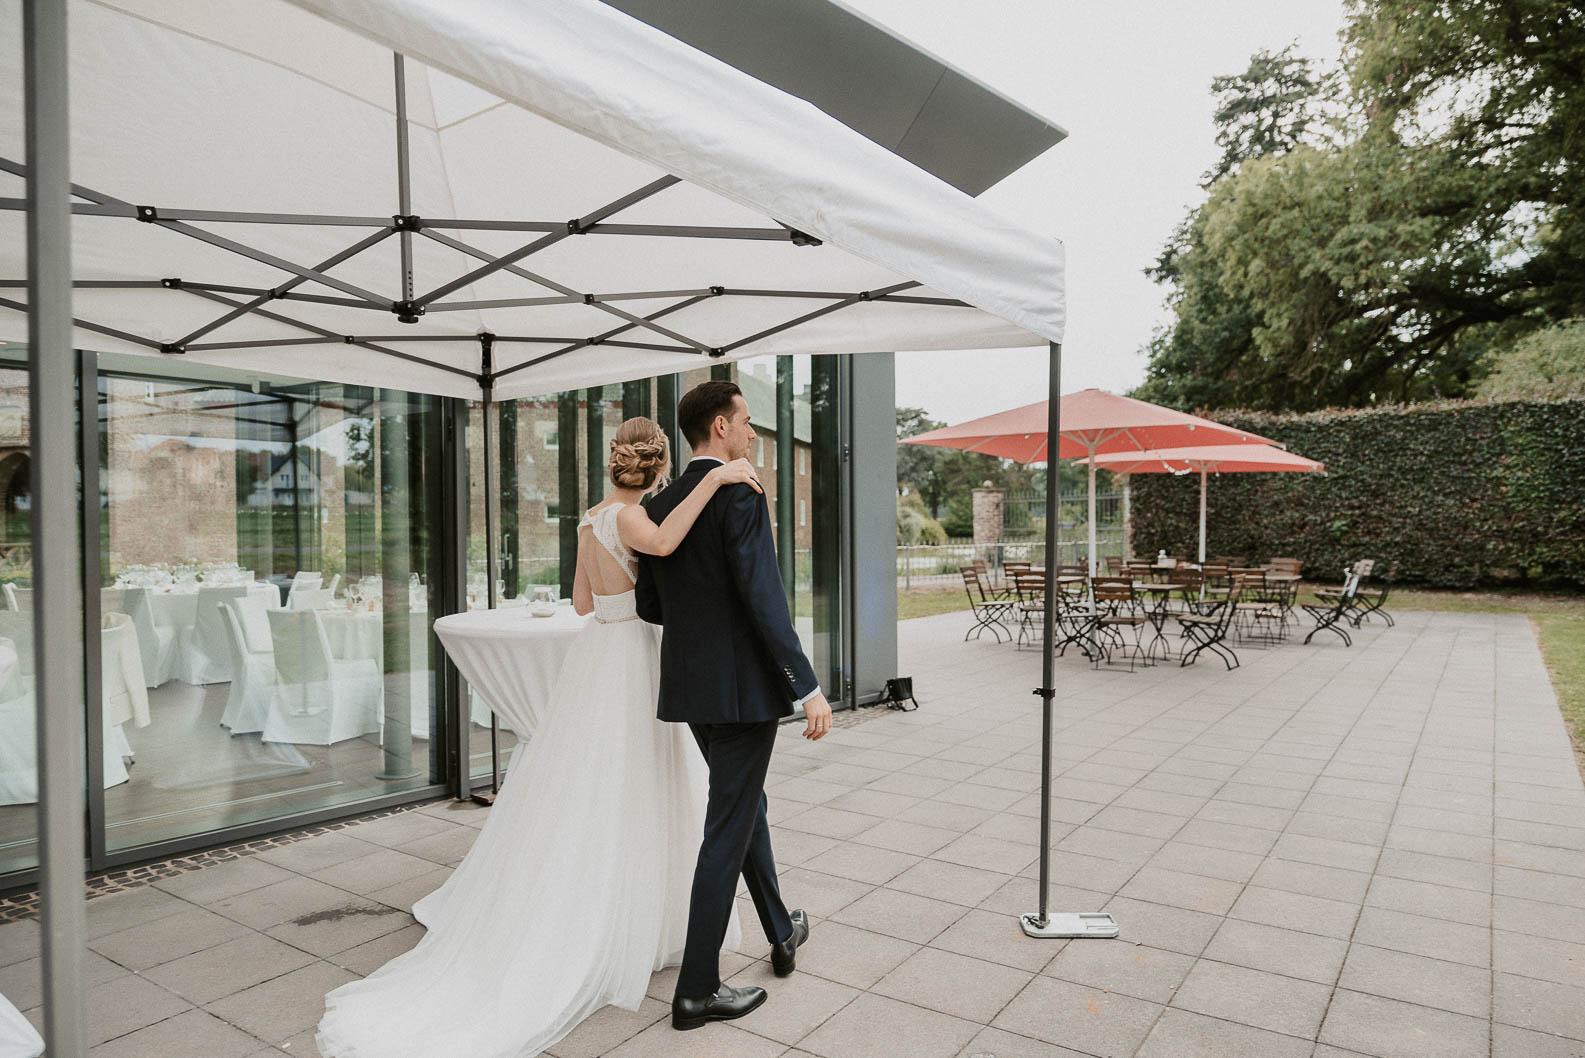 Hochzeits bei Regen Zelt Burg Heimerzheim